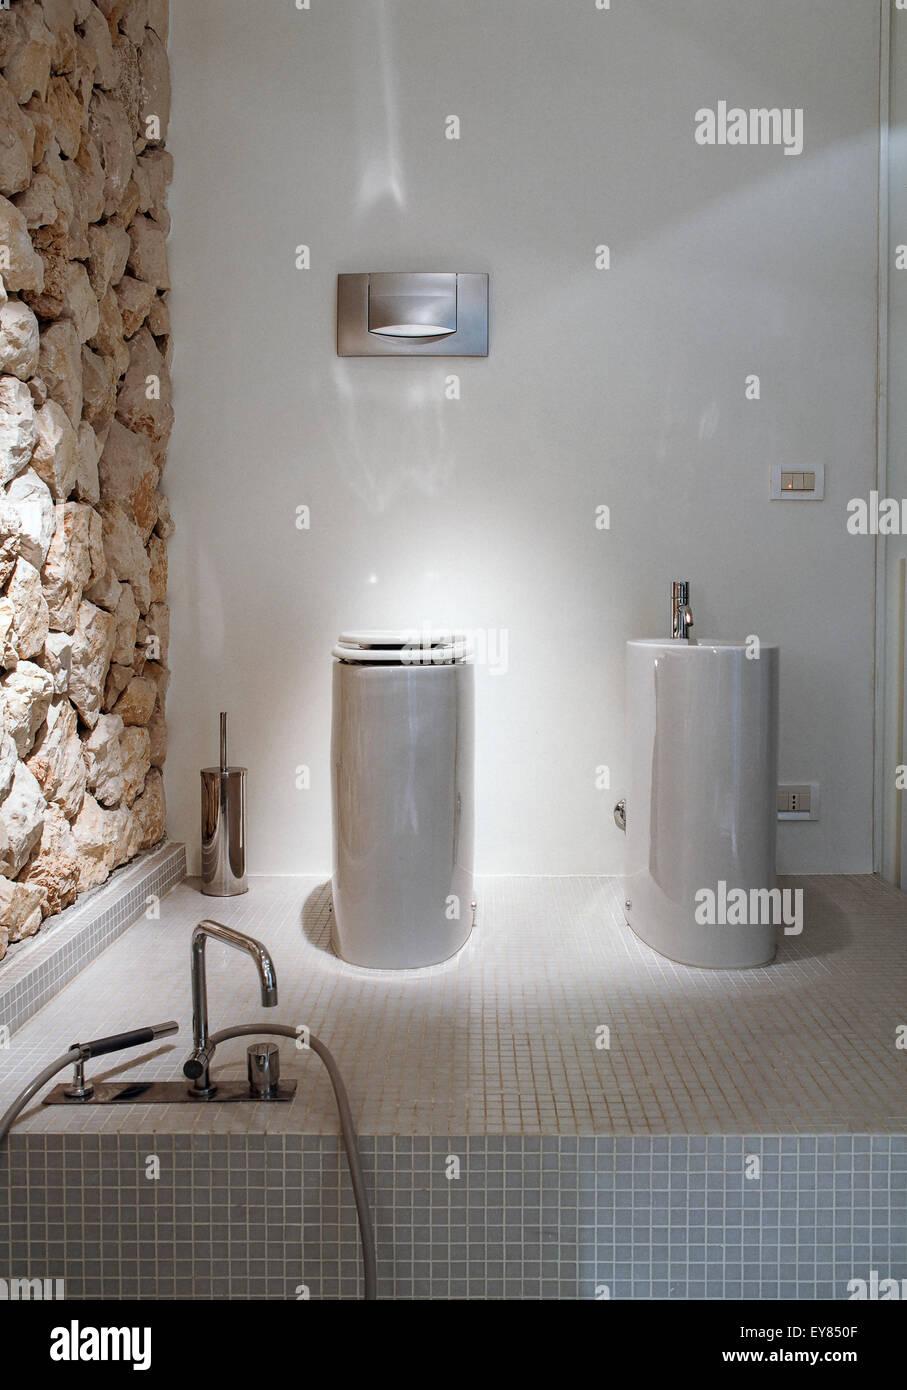 Badewanne beschichten perfect weis ohne halterung baumwolle beschichtet form schimmel obi essig - Schimmel wand essig ...